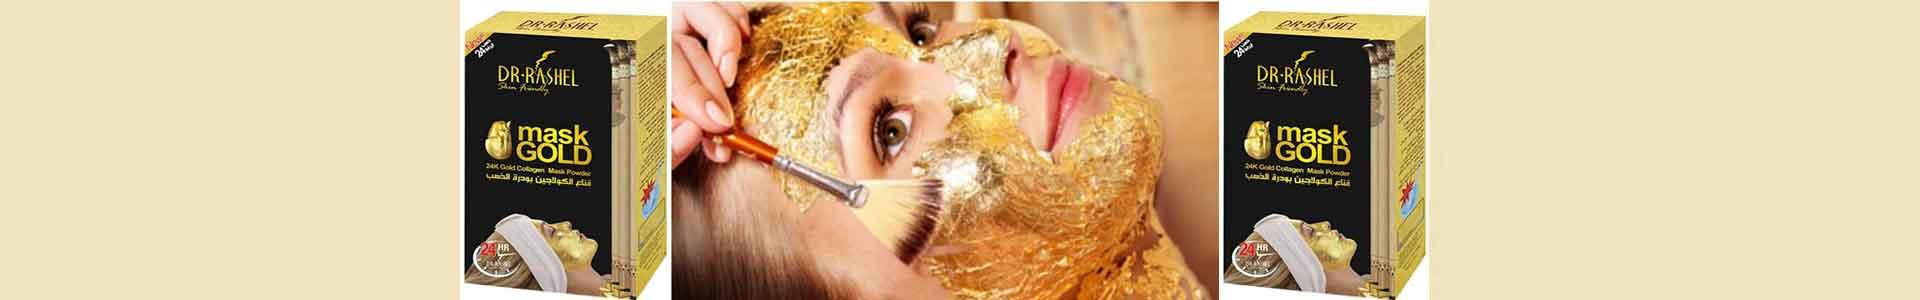 نمایندگی خرید ماسک طلا کلاژن دکتر راشل با صابون گلد ماسک اصل